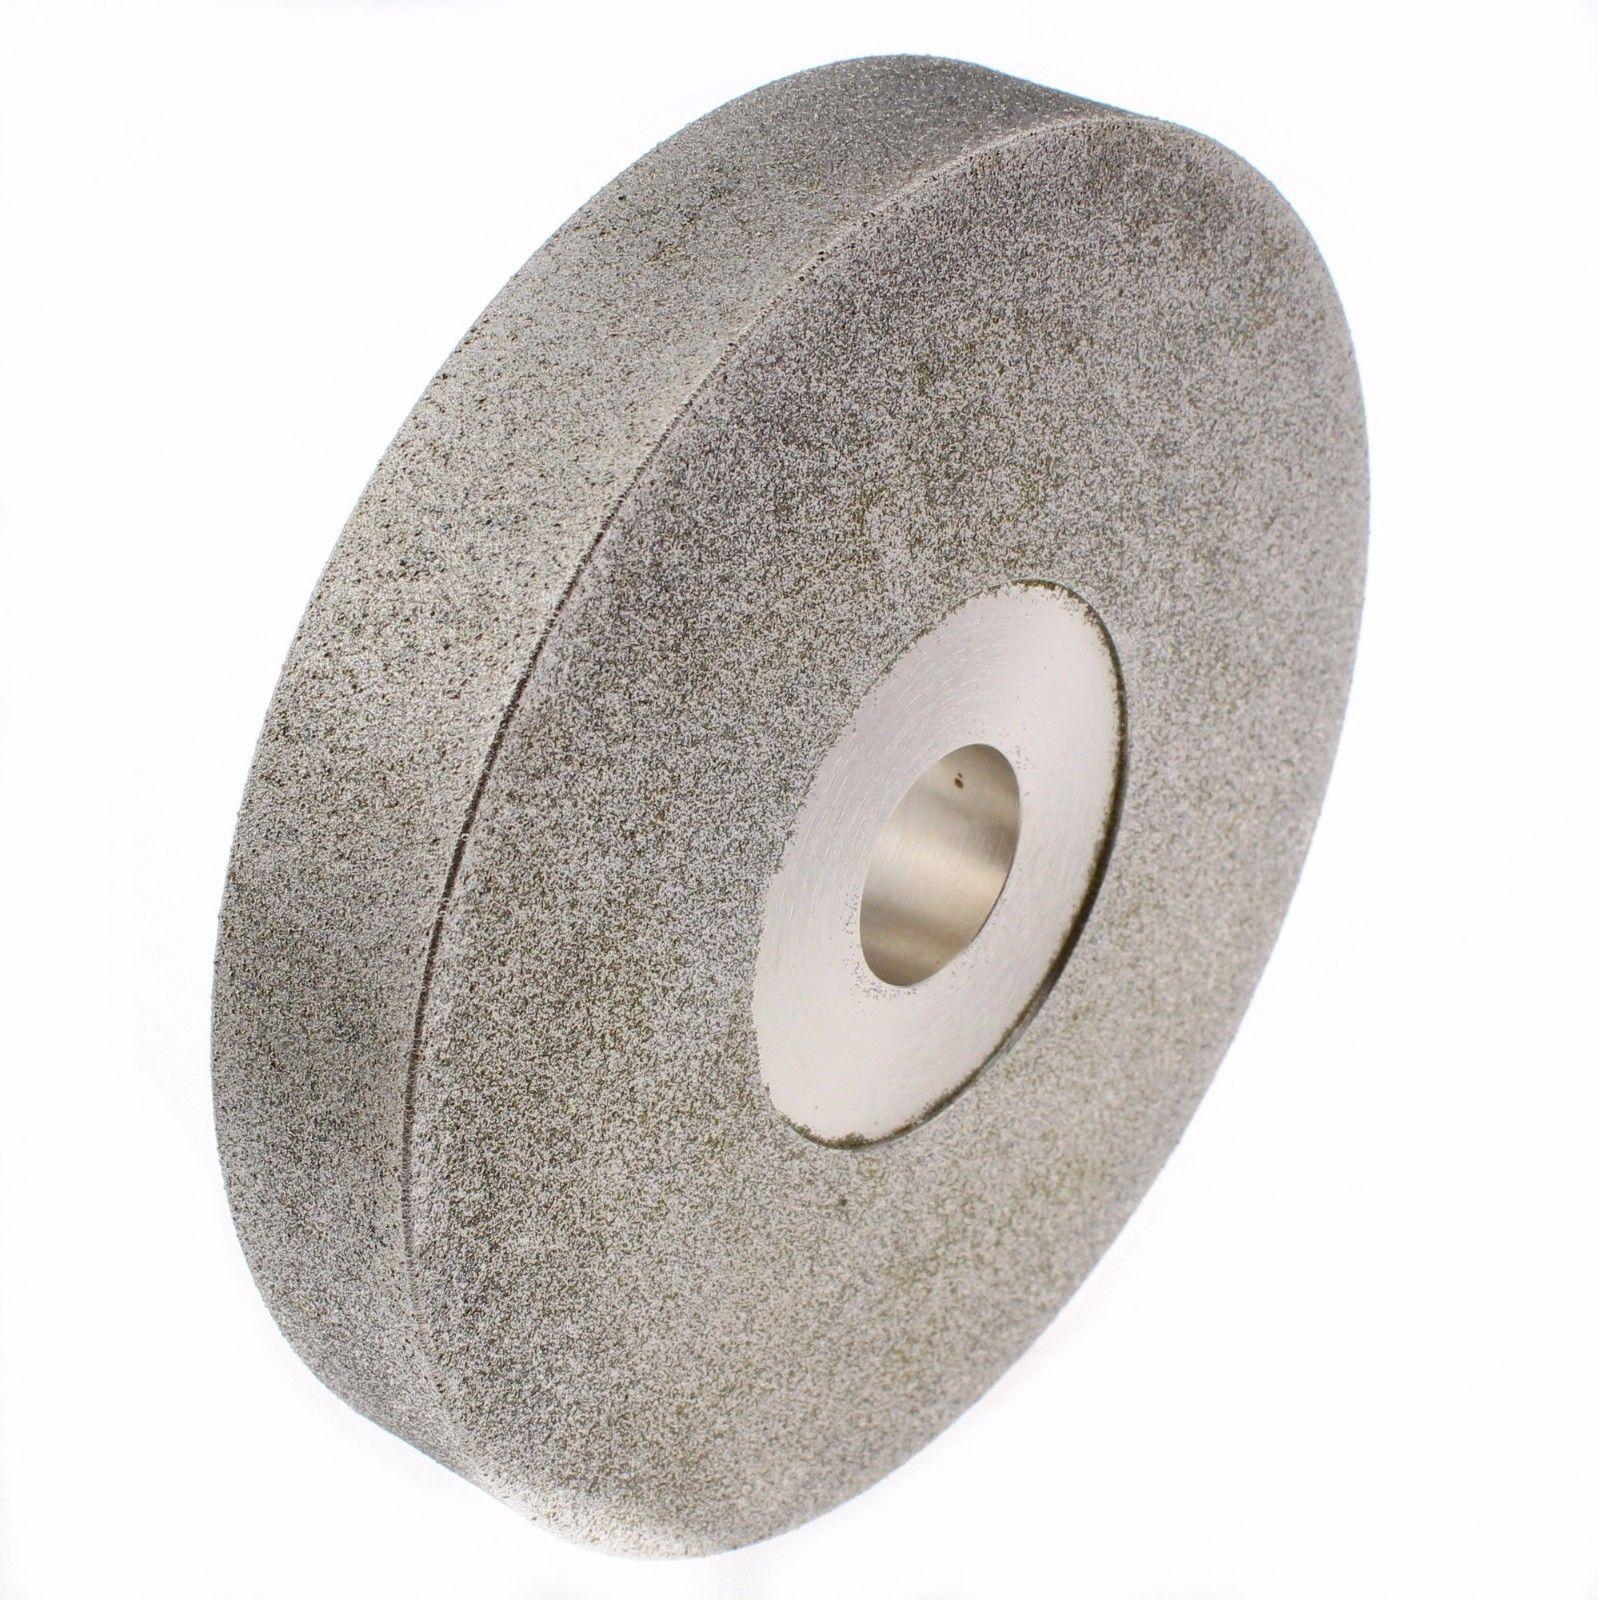 6 дюймов 60 1000 зернистый алмазный шлифовальный круг боковой абразивный диск Broadside ILOVETOOL